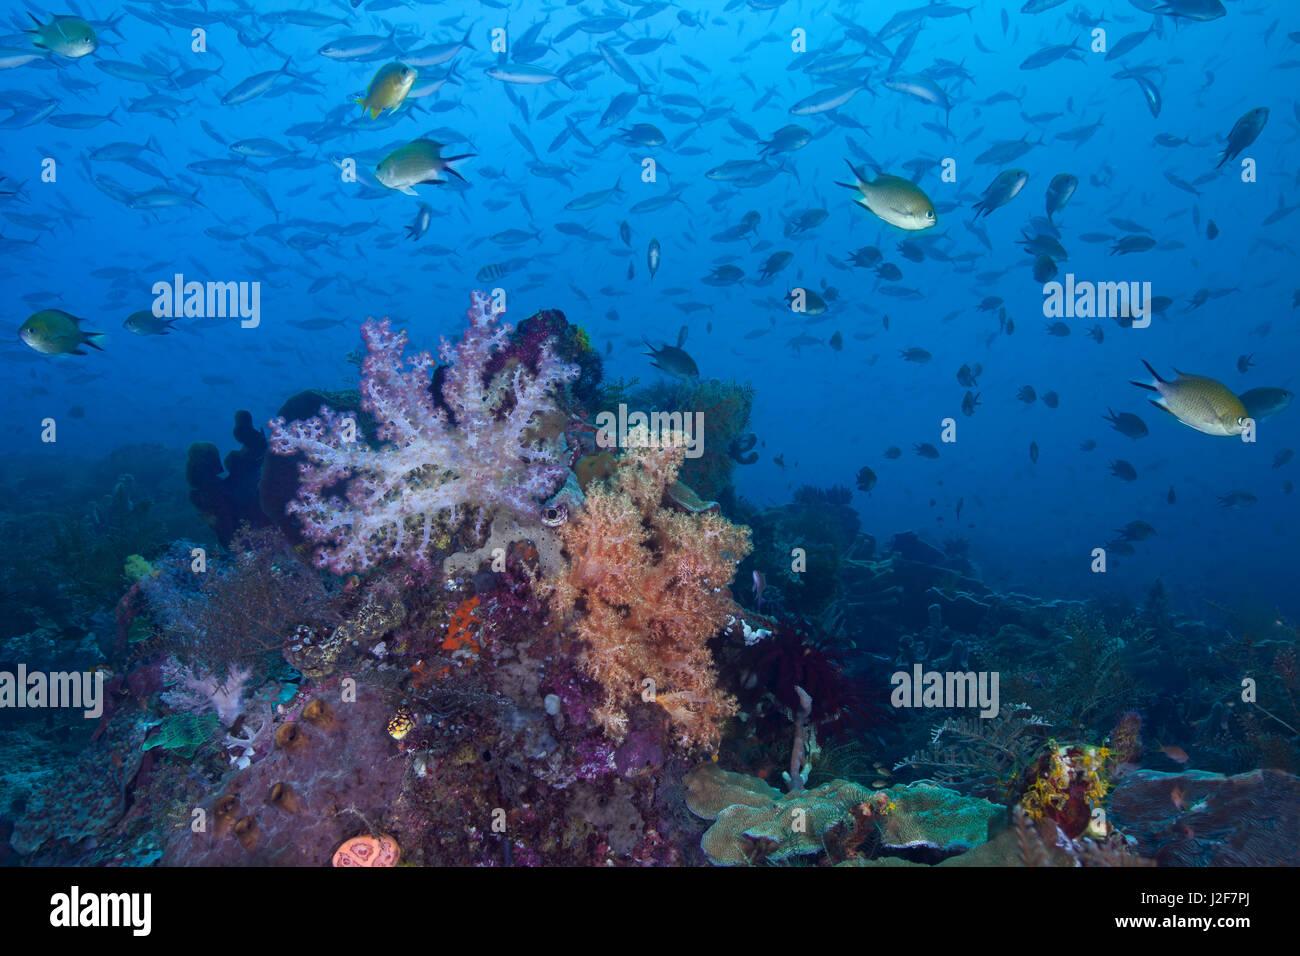 Seascape immagine di una colorata barriera corallina, remote e incontaminato nel cuore del triangolo di corallo. Immagini Stock